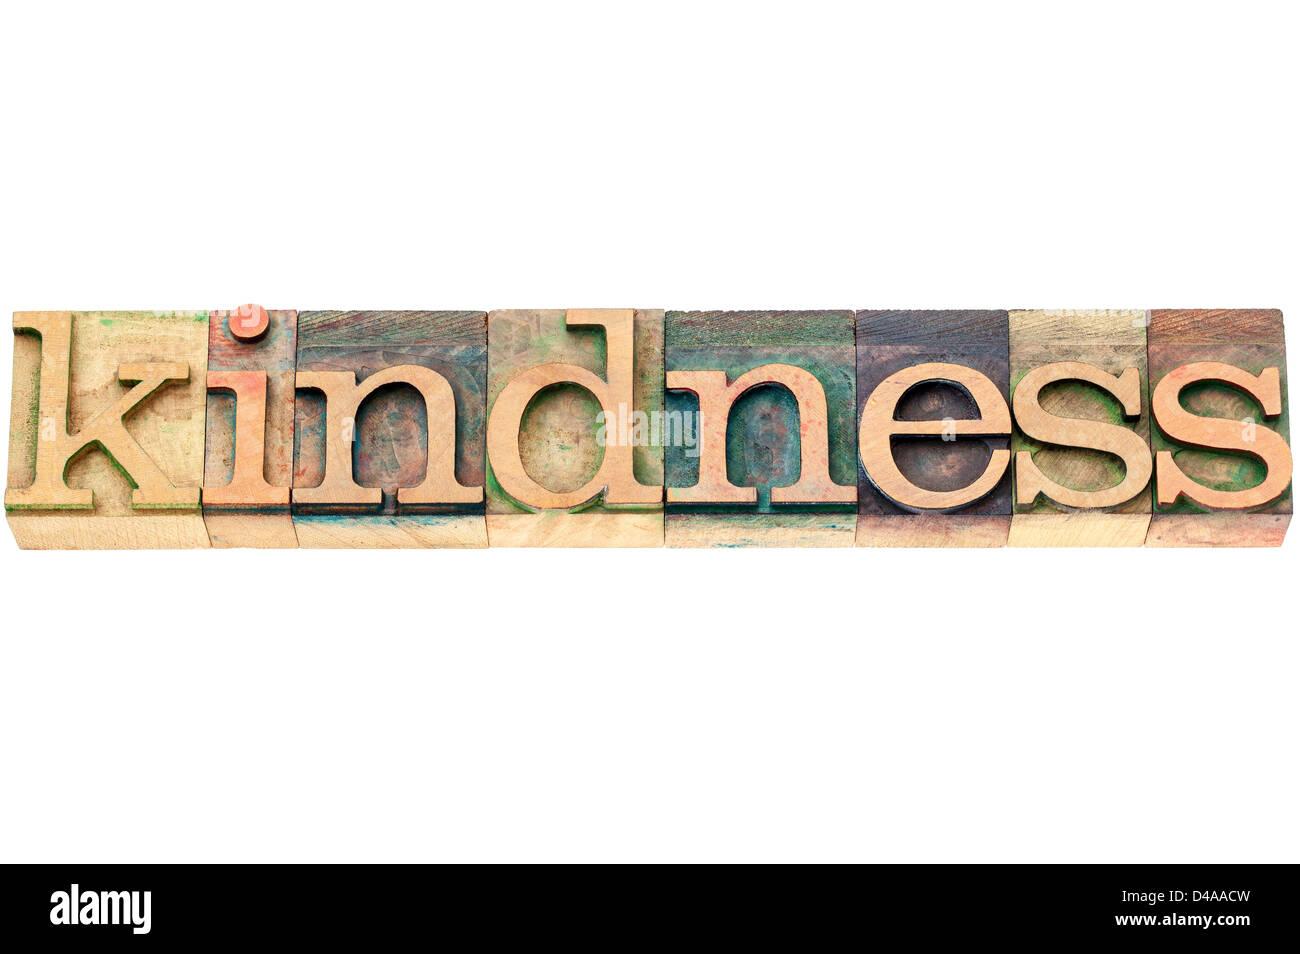 Gentilezza - parola isolata in rilievografia vintage tipo legno blocchi di stampa Immagini Stock